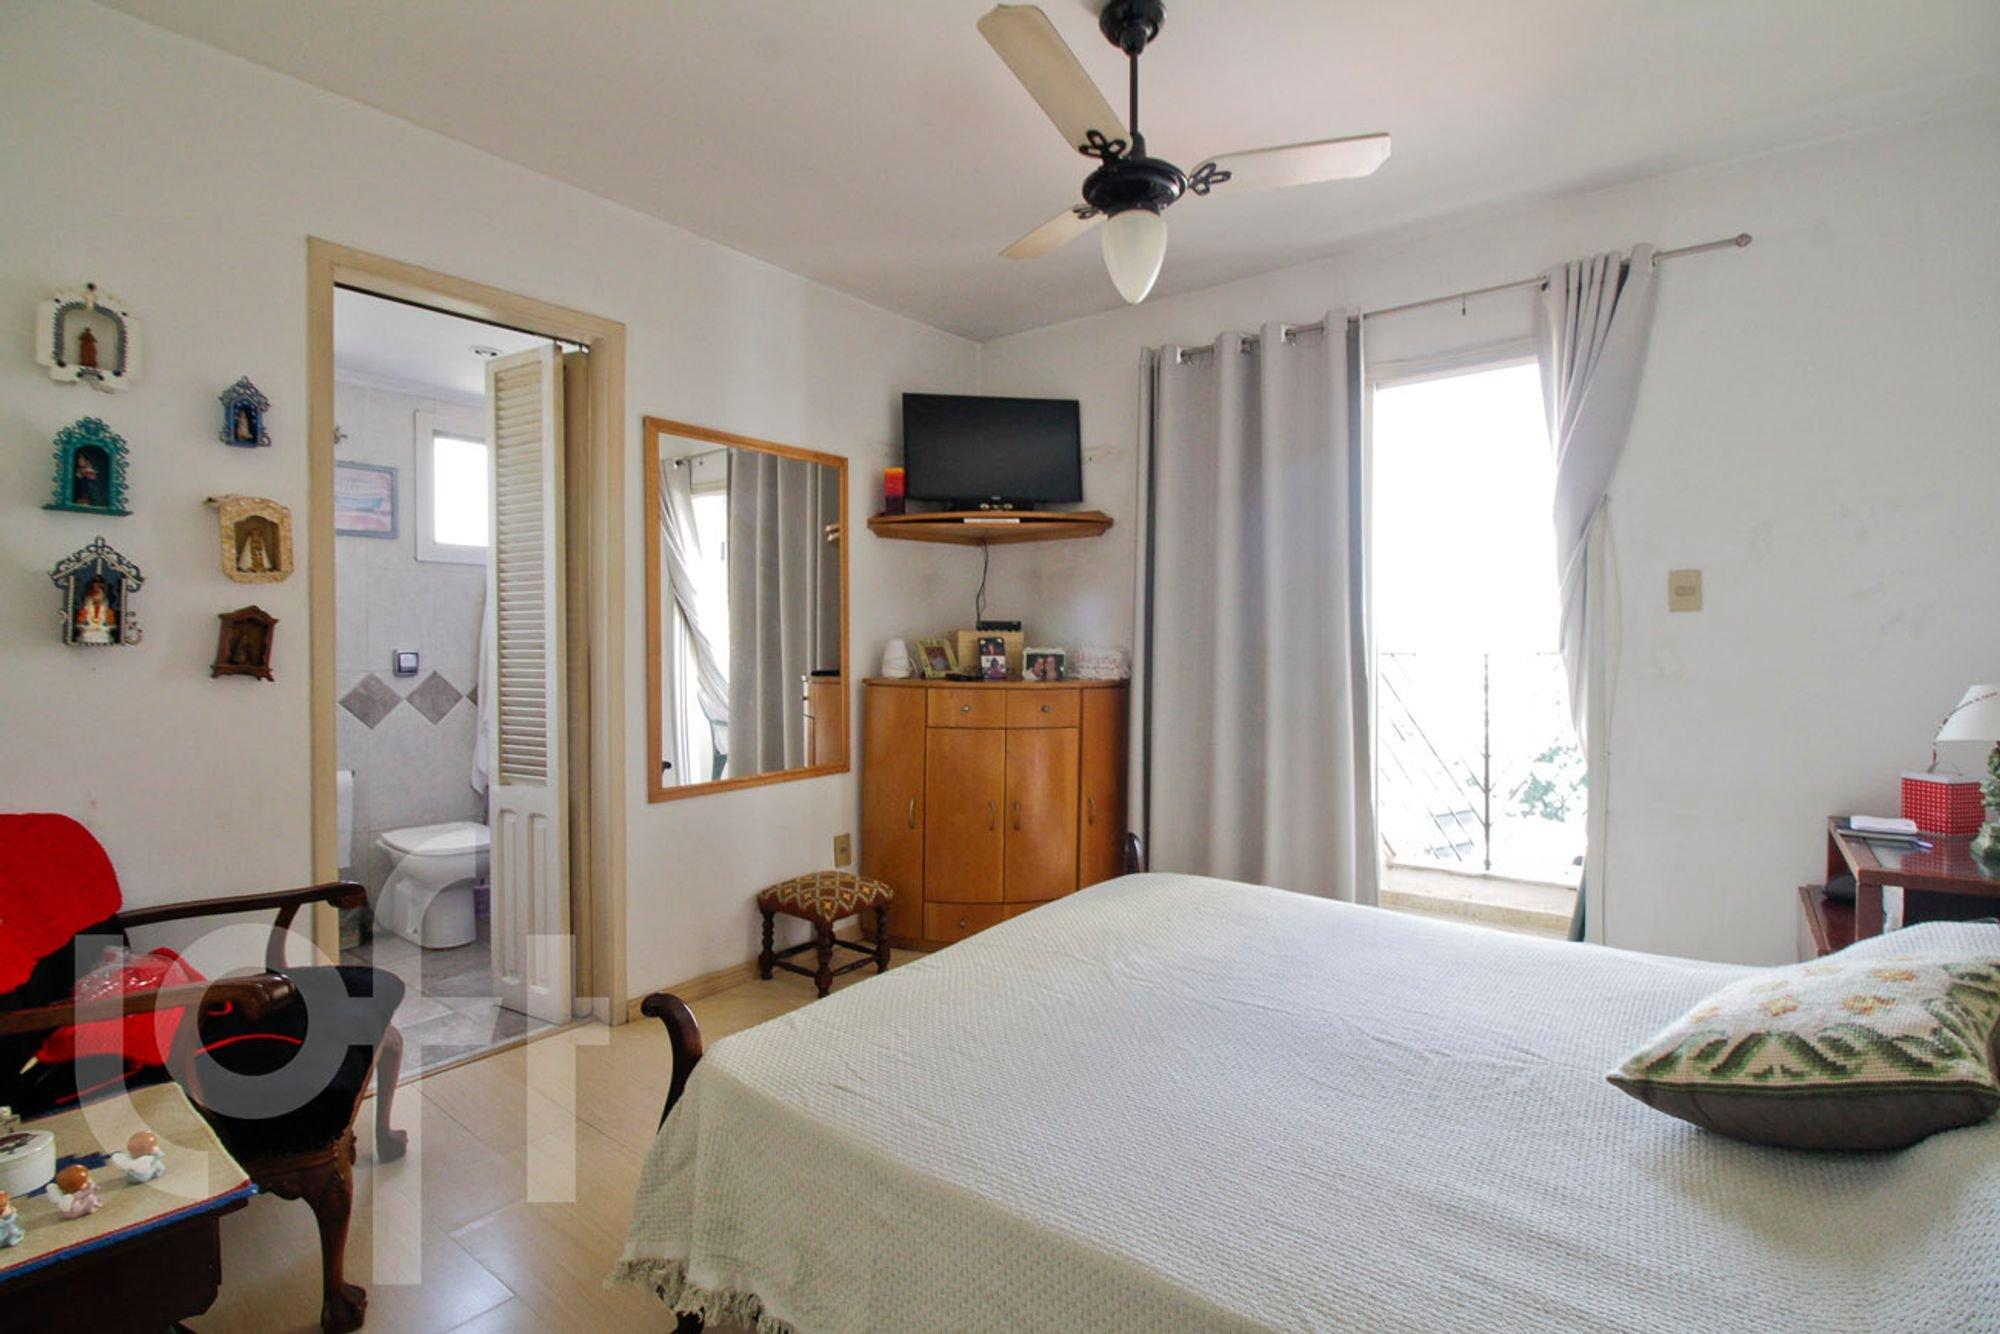 Foto de Quarto com cama, televisão, vaso sanitário, cadeira